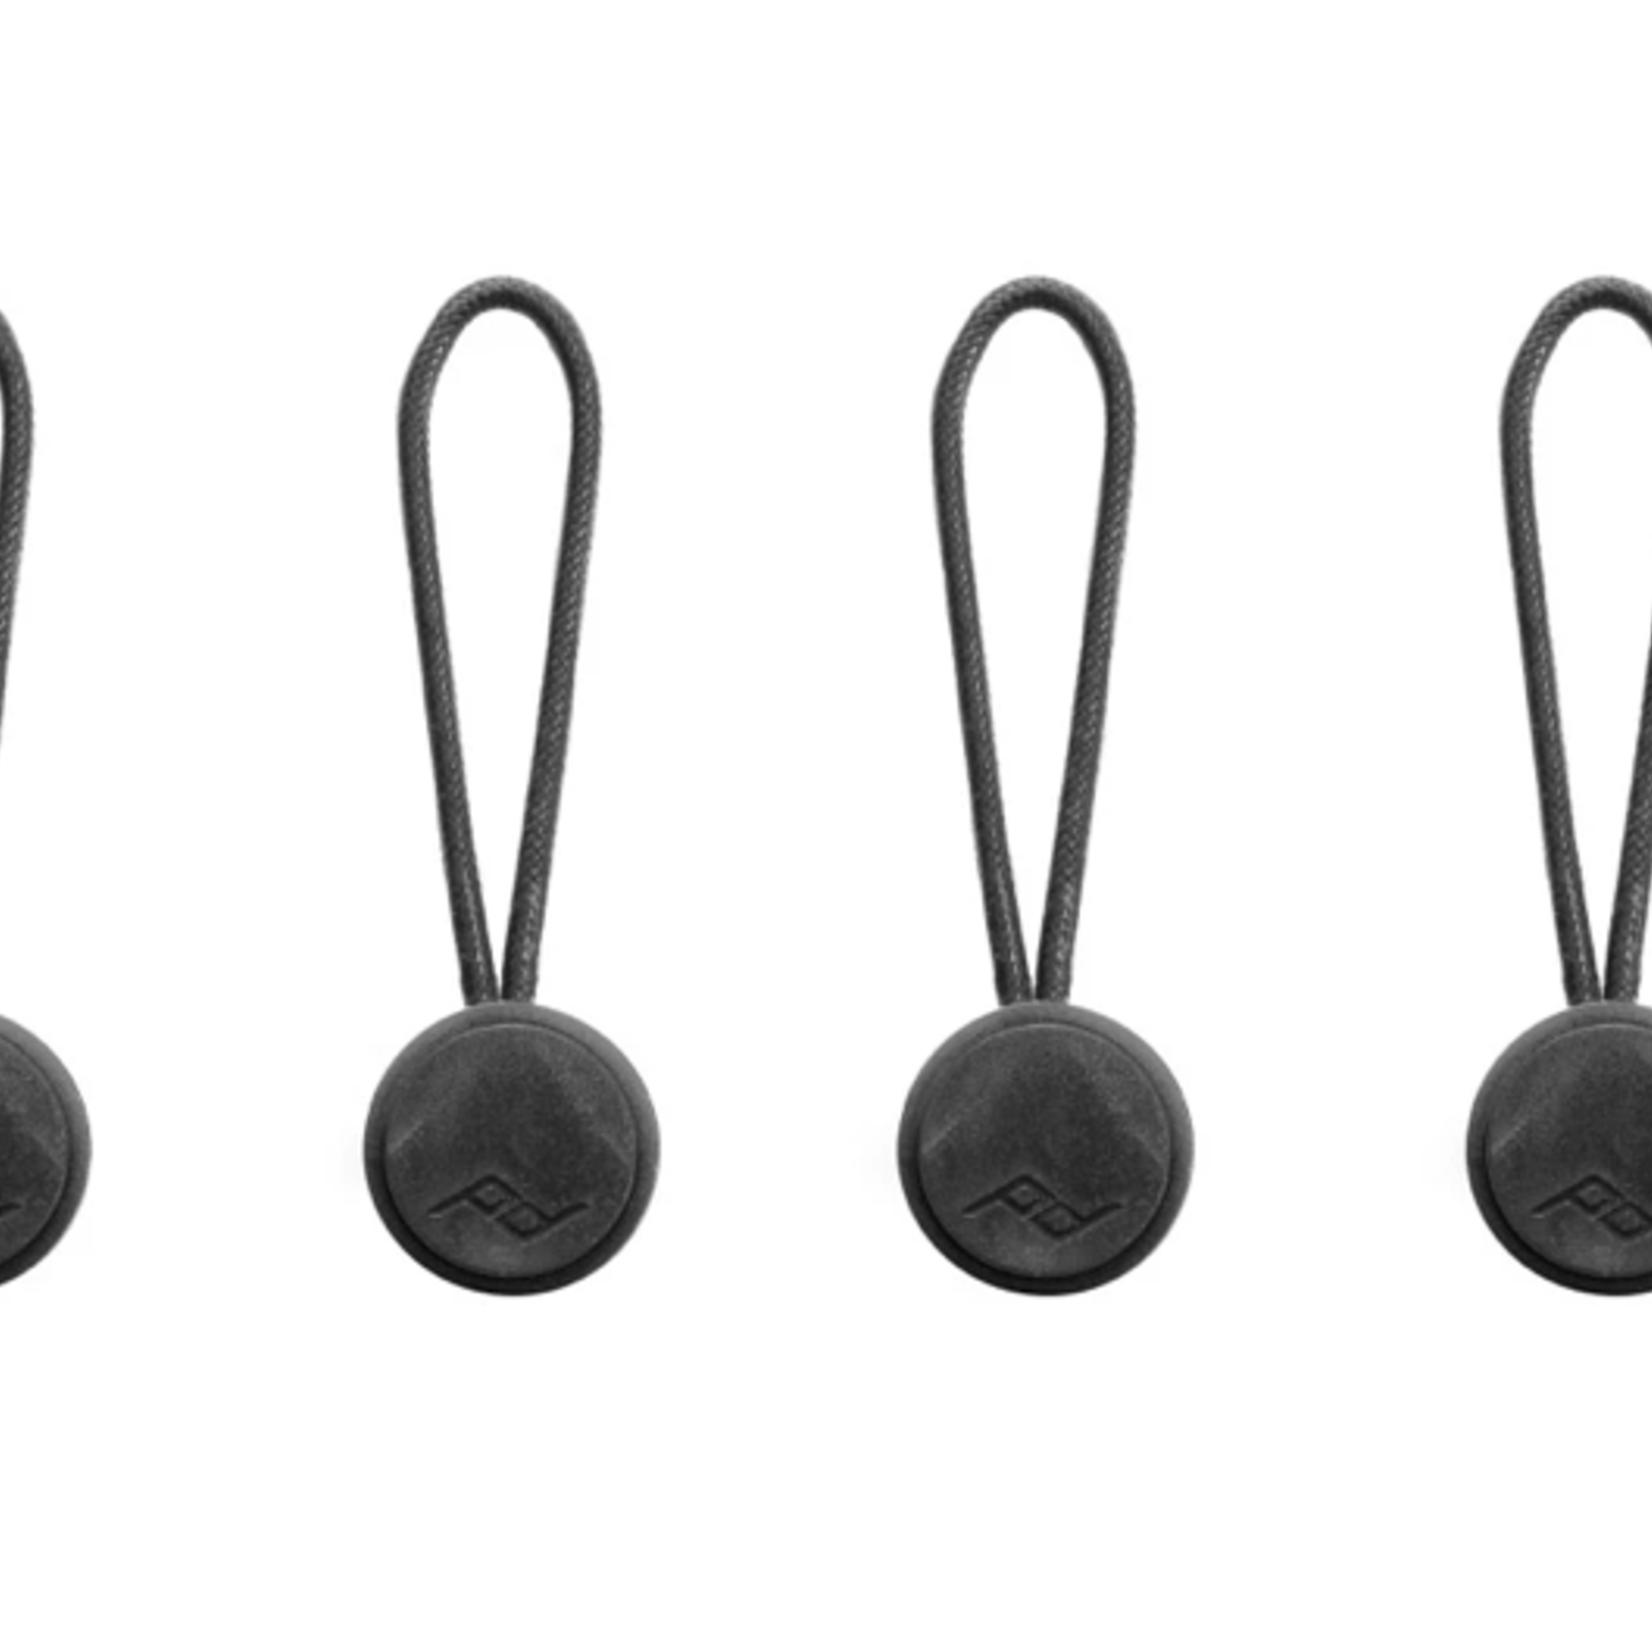 Peak Design Anchor 4-Pack Black